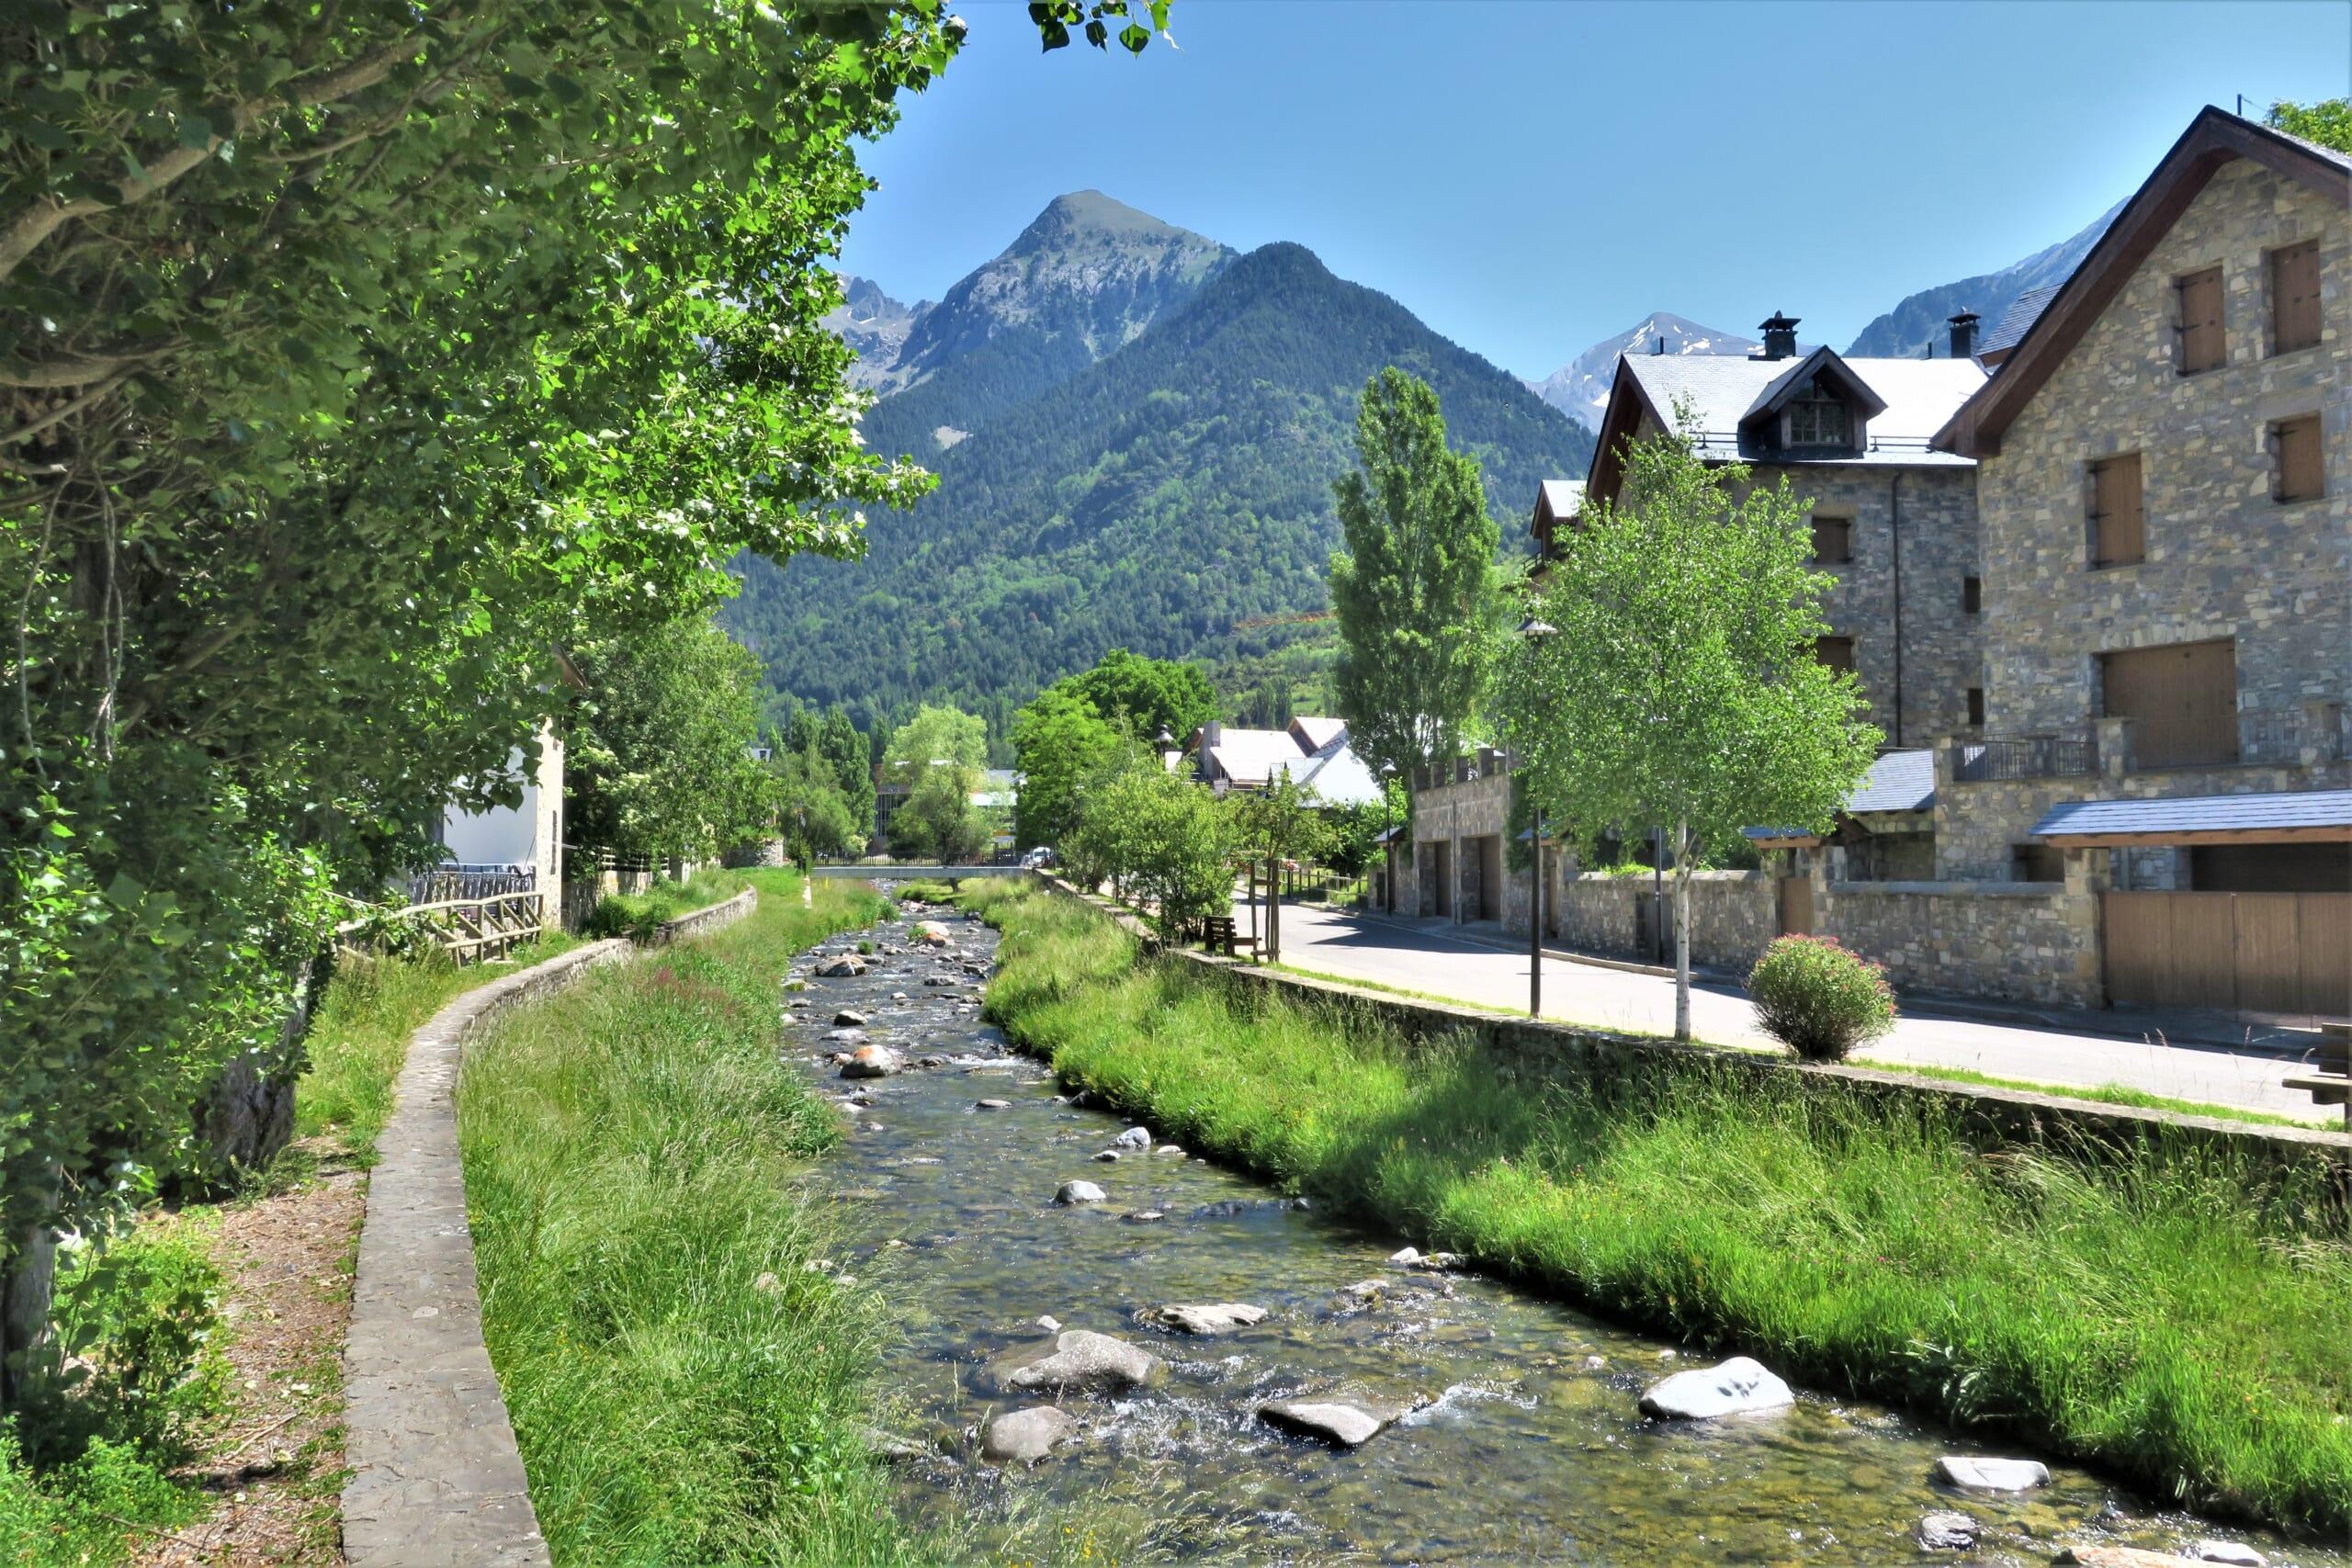 北スペインの観光スポットであるピレネーのテナ渓谷